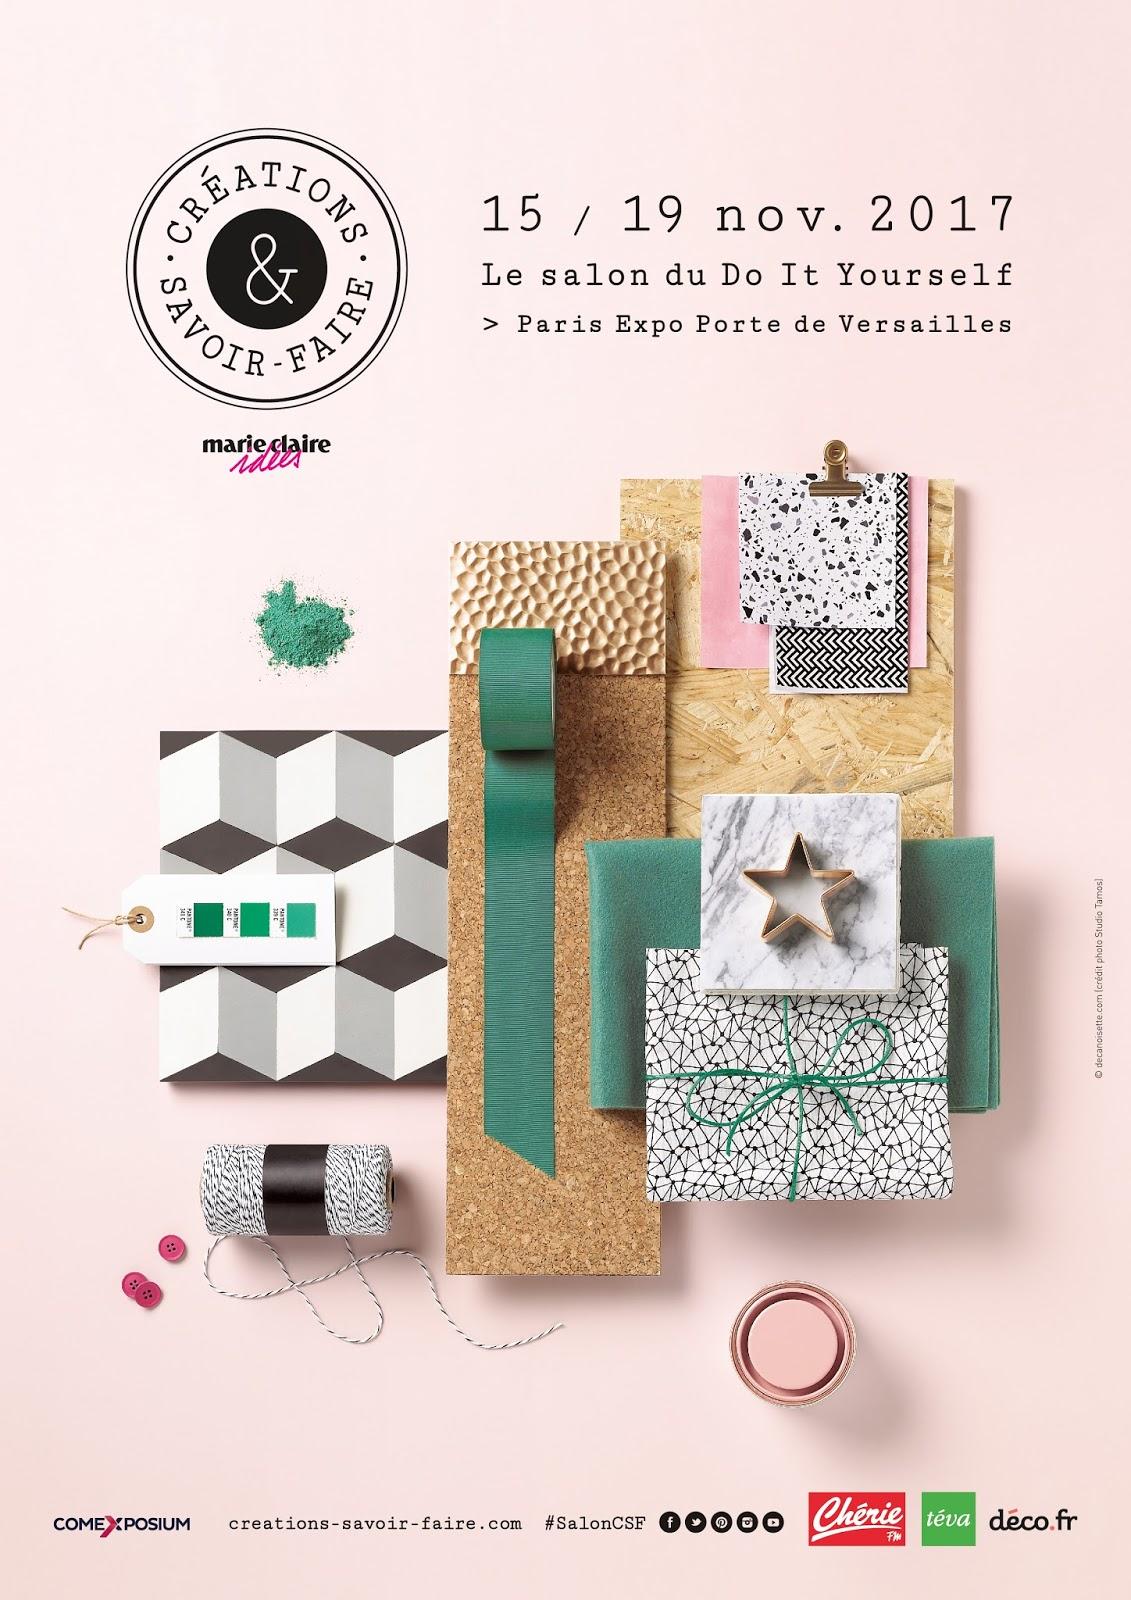 caro et zolie gagnez vos invitations pour le salon cr ations savoir faire 2017. Black Bedroom Furniture Sets. Home Design Ideas